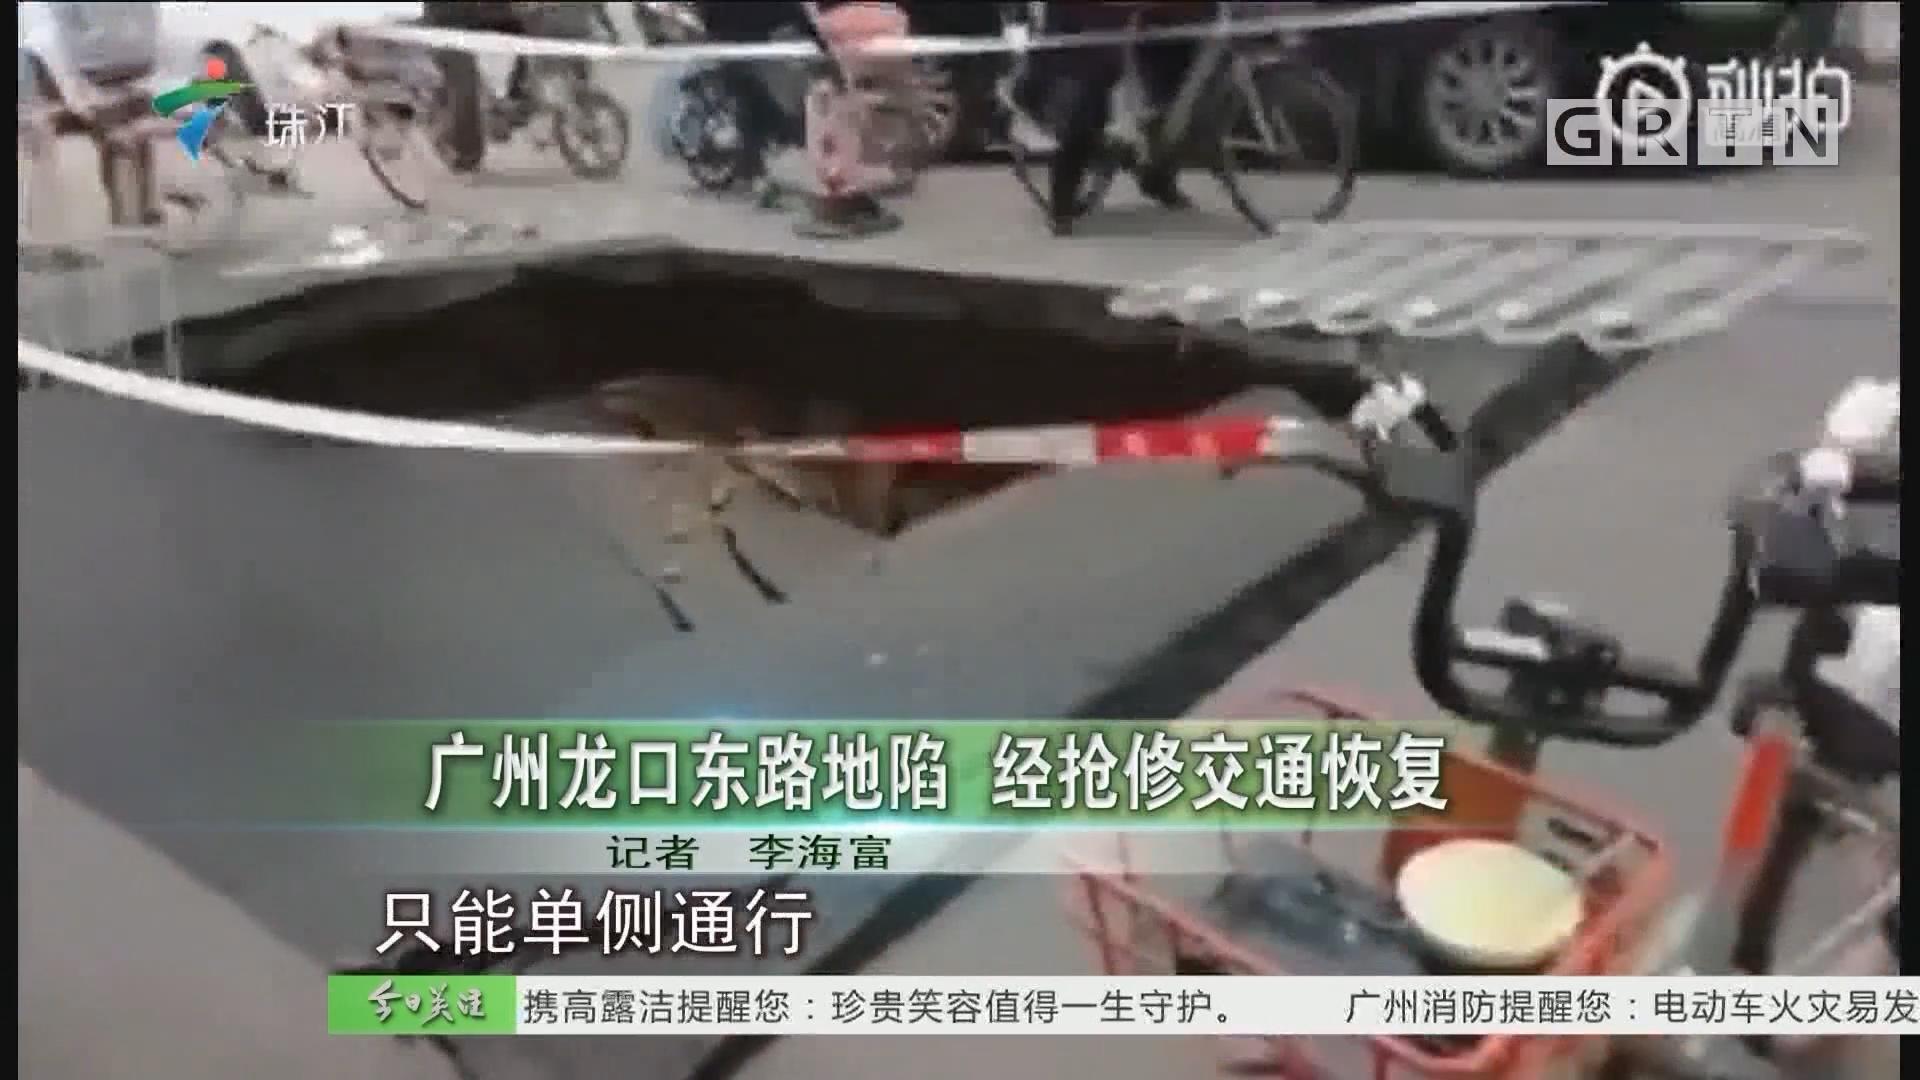 广州龙口东路地陷 经抢修交通恢复